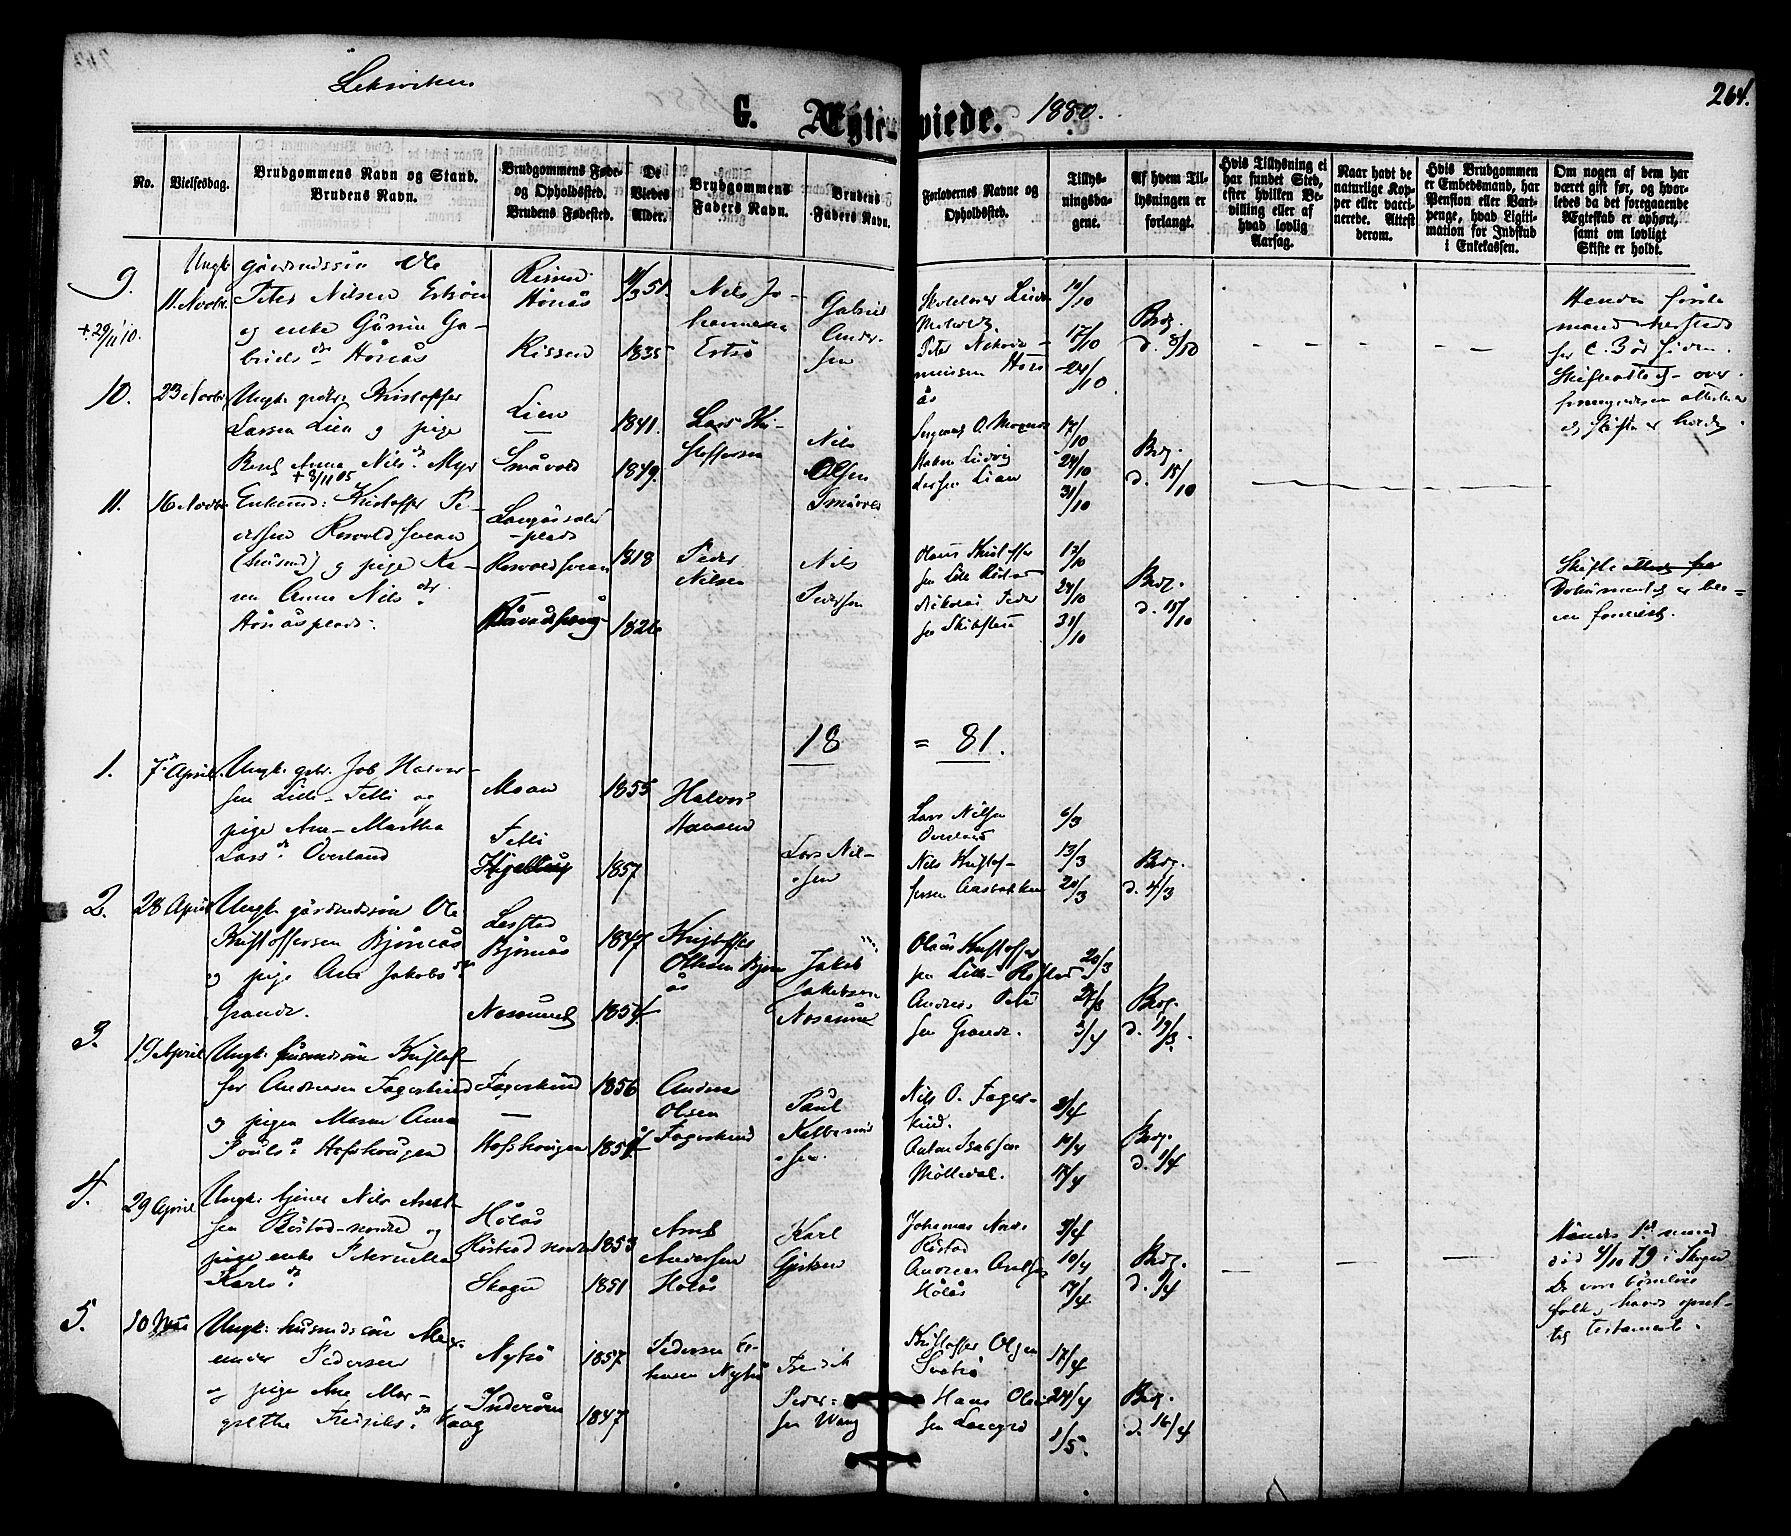 SAT, Ministerialprotokoller, klokkerbøker og fødselsregistre - Nord-Trøndelag, 701/L0009: Ministerialbok nr. 701A09 /1, 1864-1882, s. 264